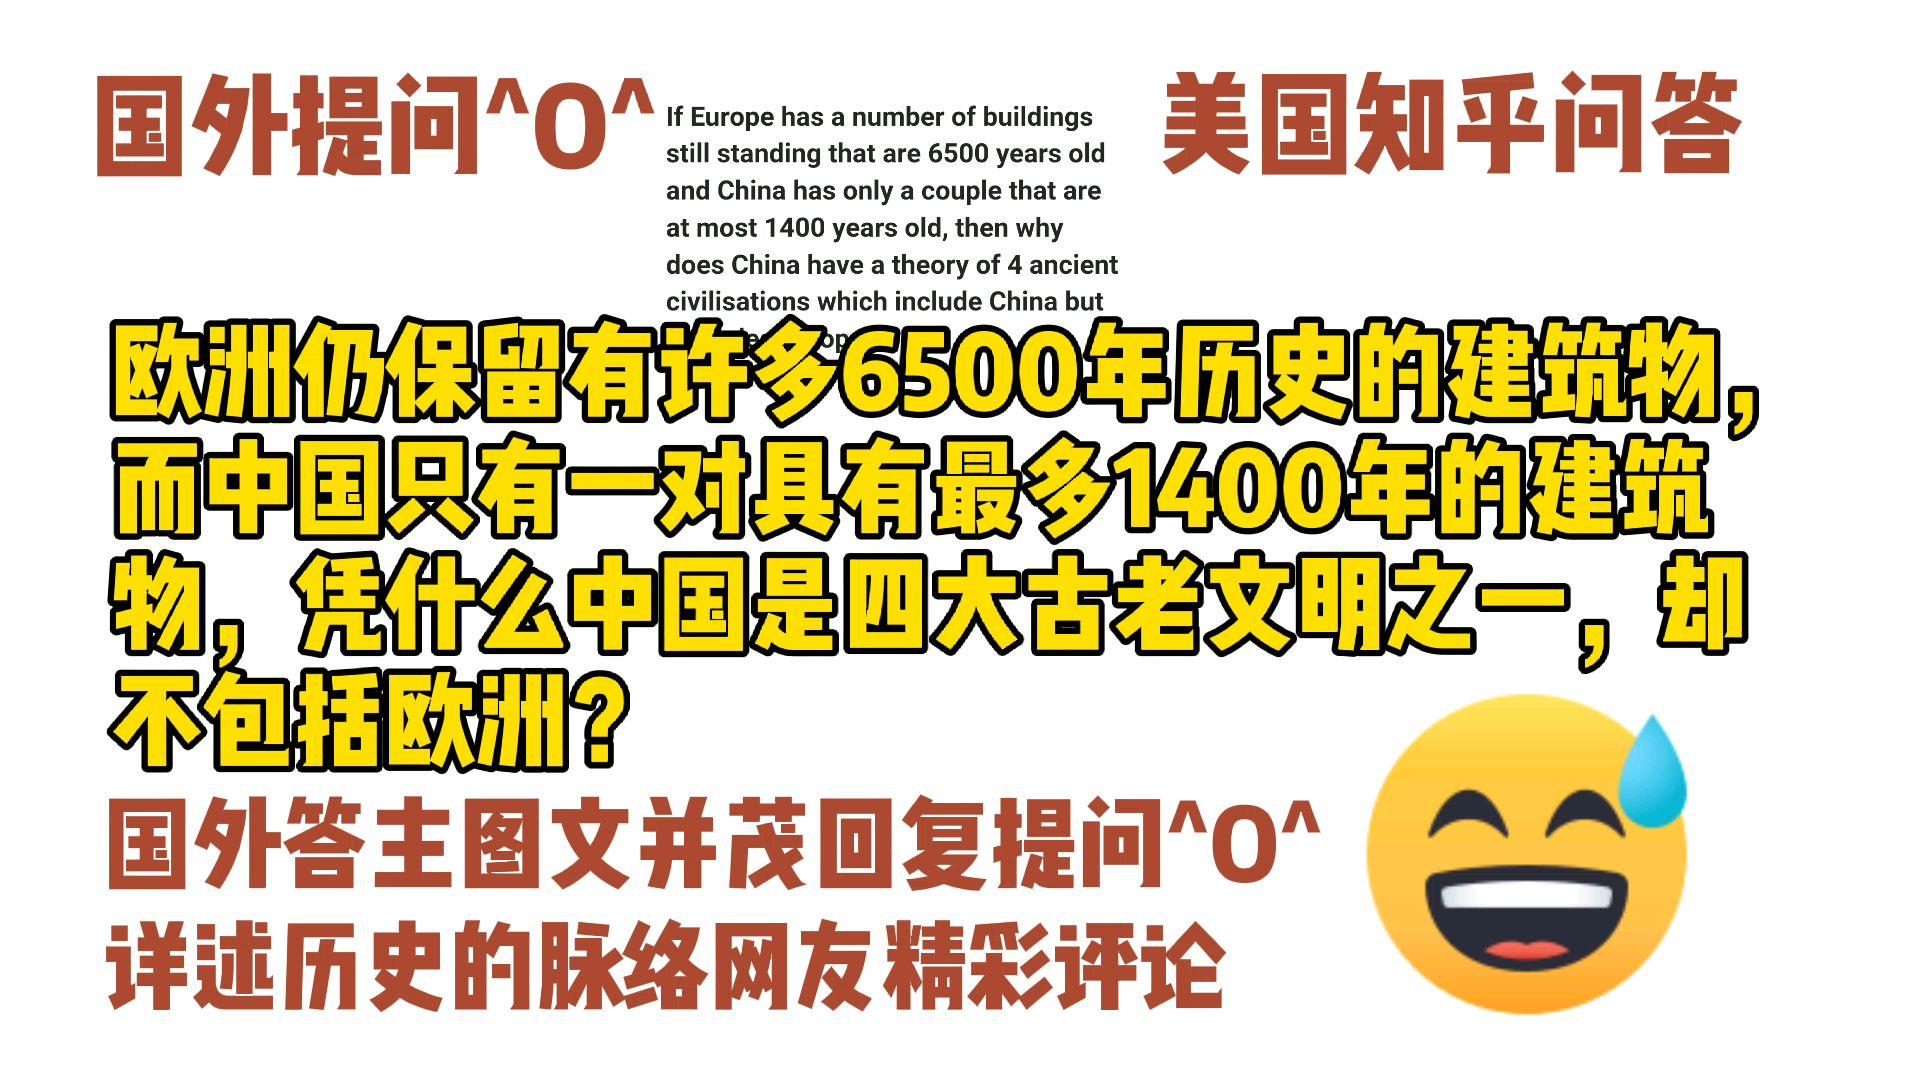 美国知乎,欧洲仍有6500年历史的建筑物而中国只有1400年,凭啥中国是四大文明之一,却不包括欧洲?